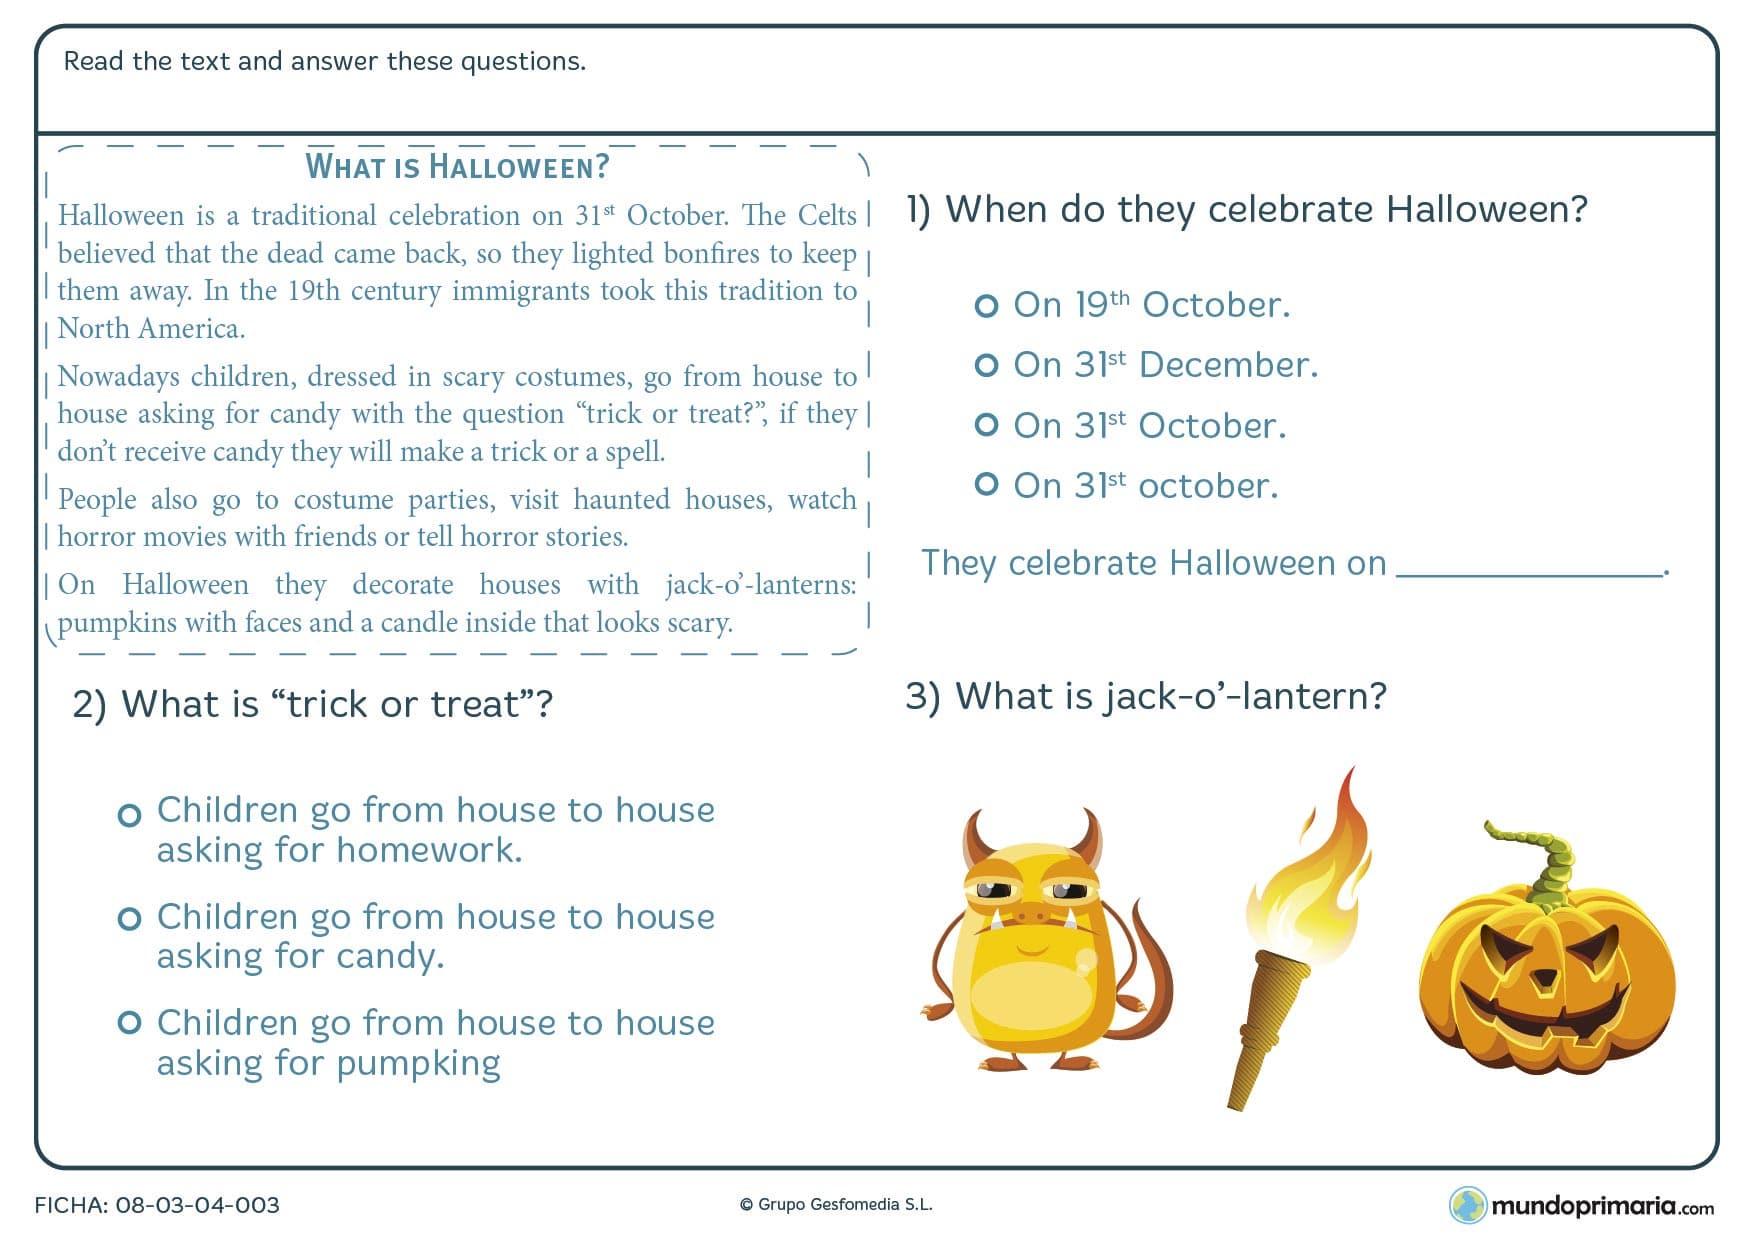 Ficha de comprender el texto de Halloween en la que tendrás, tras leer detenidamente el texto, responder a las preguntas de acuerdo con la información que aparece en dicho texto.